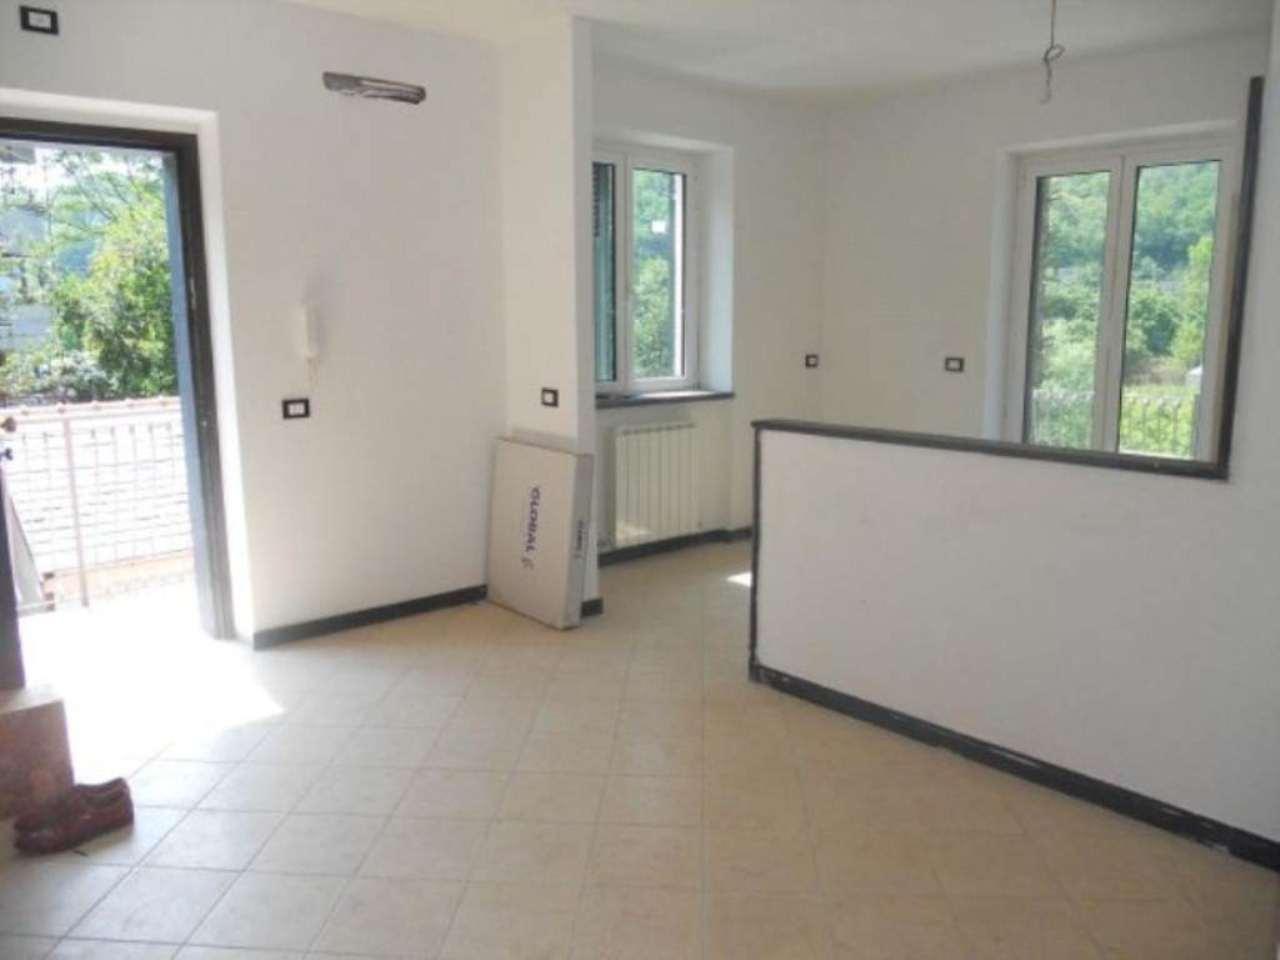 Appartamento in vendita a Cicagna, 4 locali, prezzo € 120.000 | Cambio Casa.it